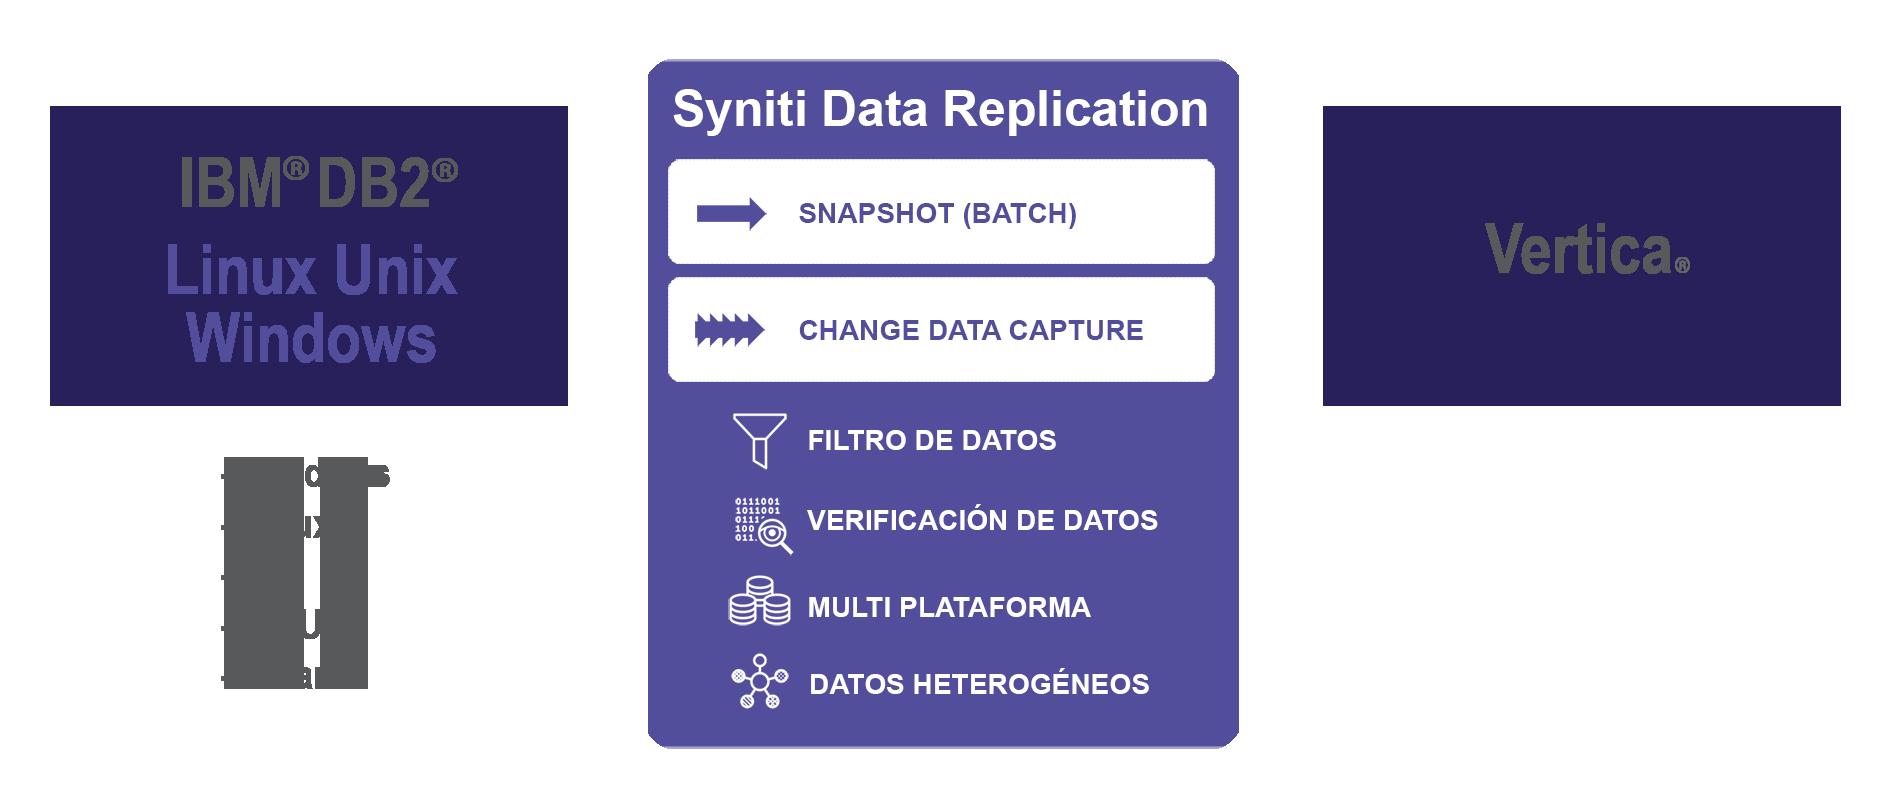 Replicacion de datos Db2 LUW a Vertica en tiempo real